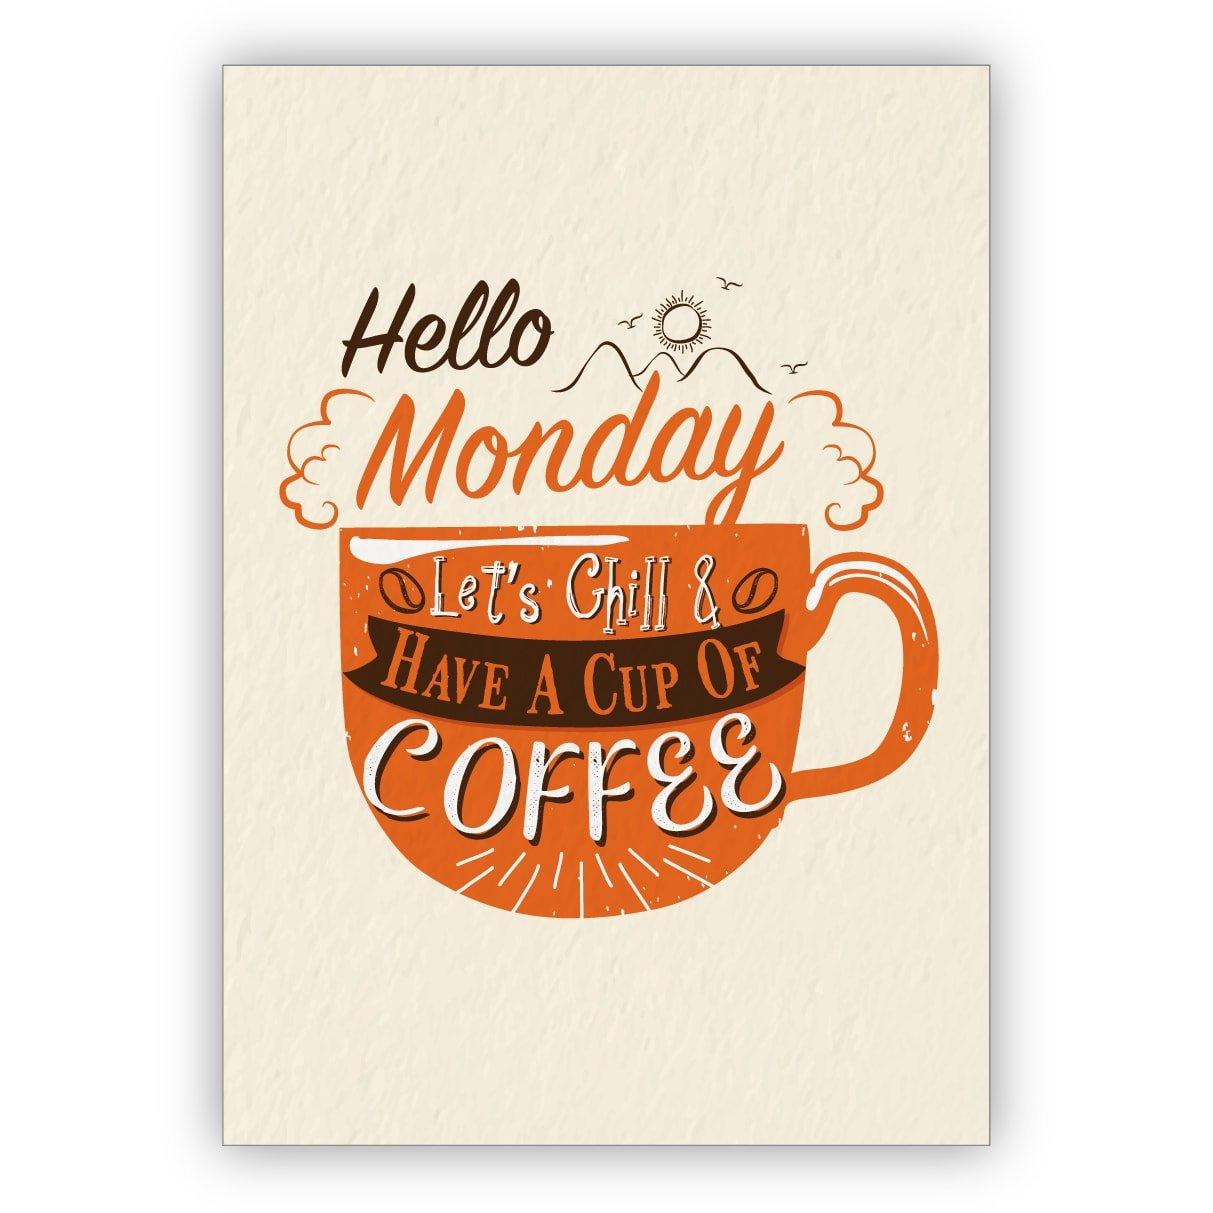 1 Motivierende Motto Grußkarte für beste Freunde zum Wochenstart: Hello Monday let's chill & have a cup of coffee Kartenkaufrausch